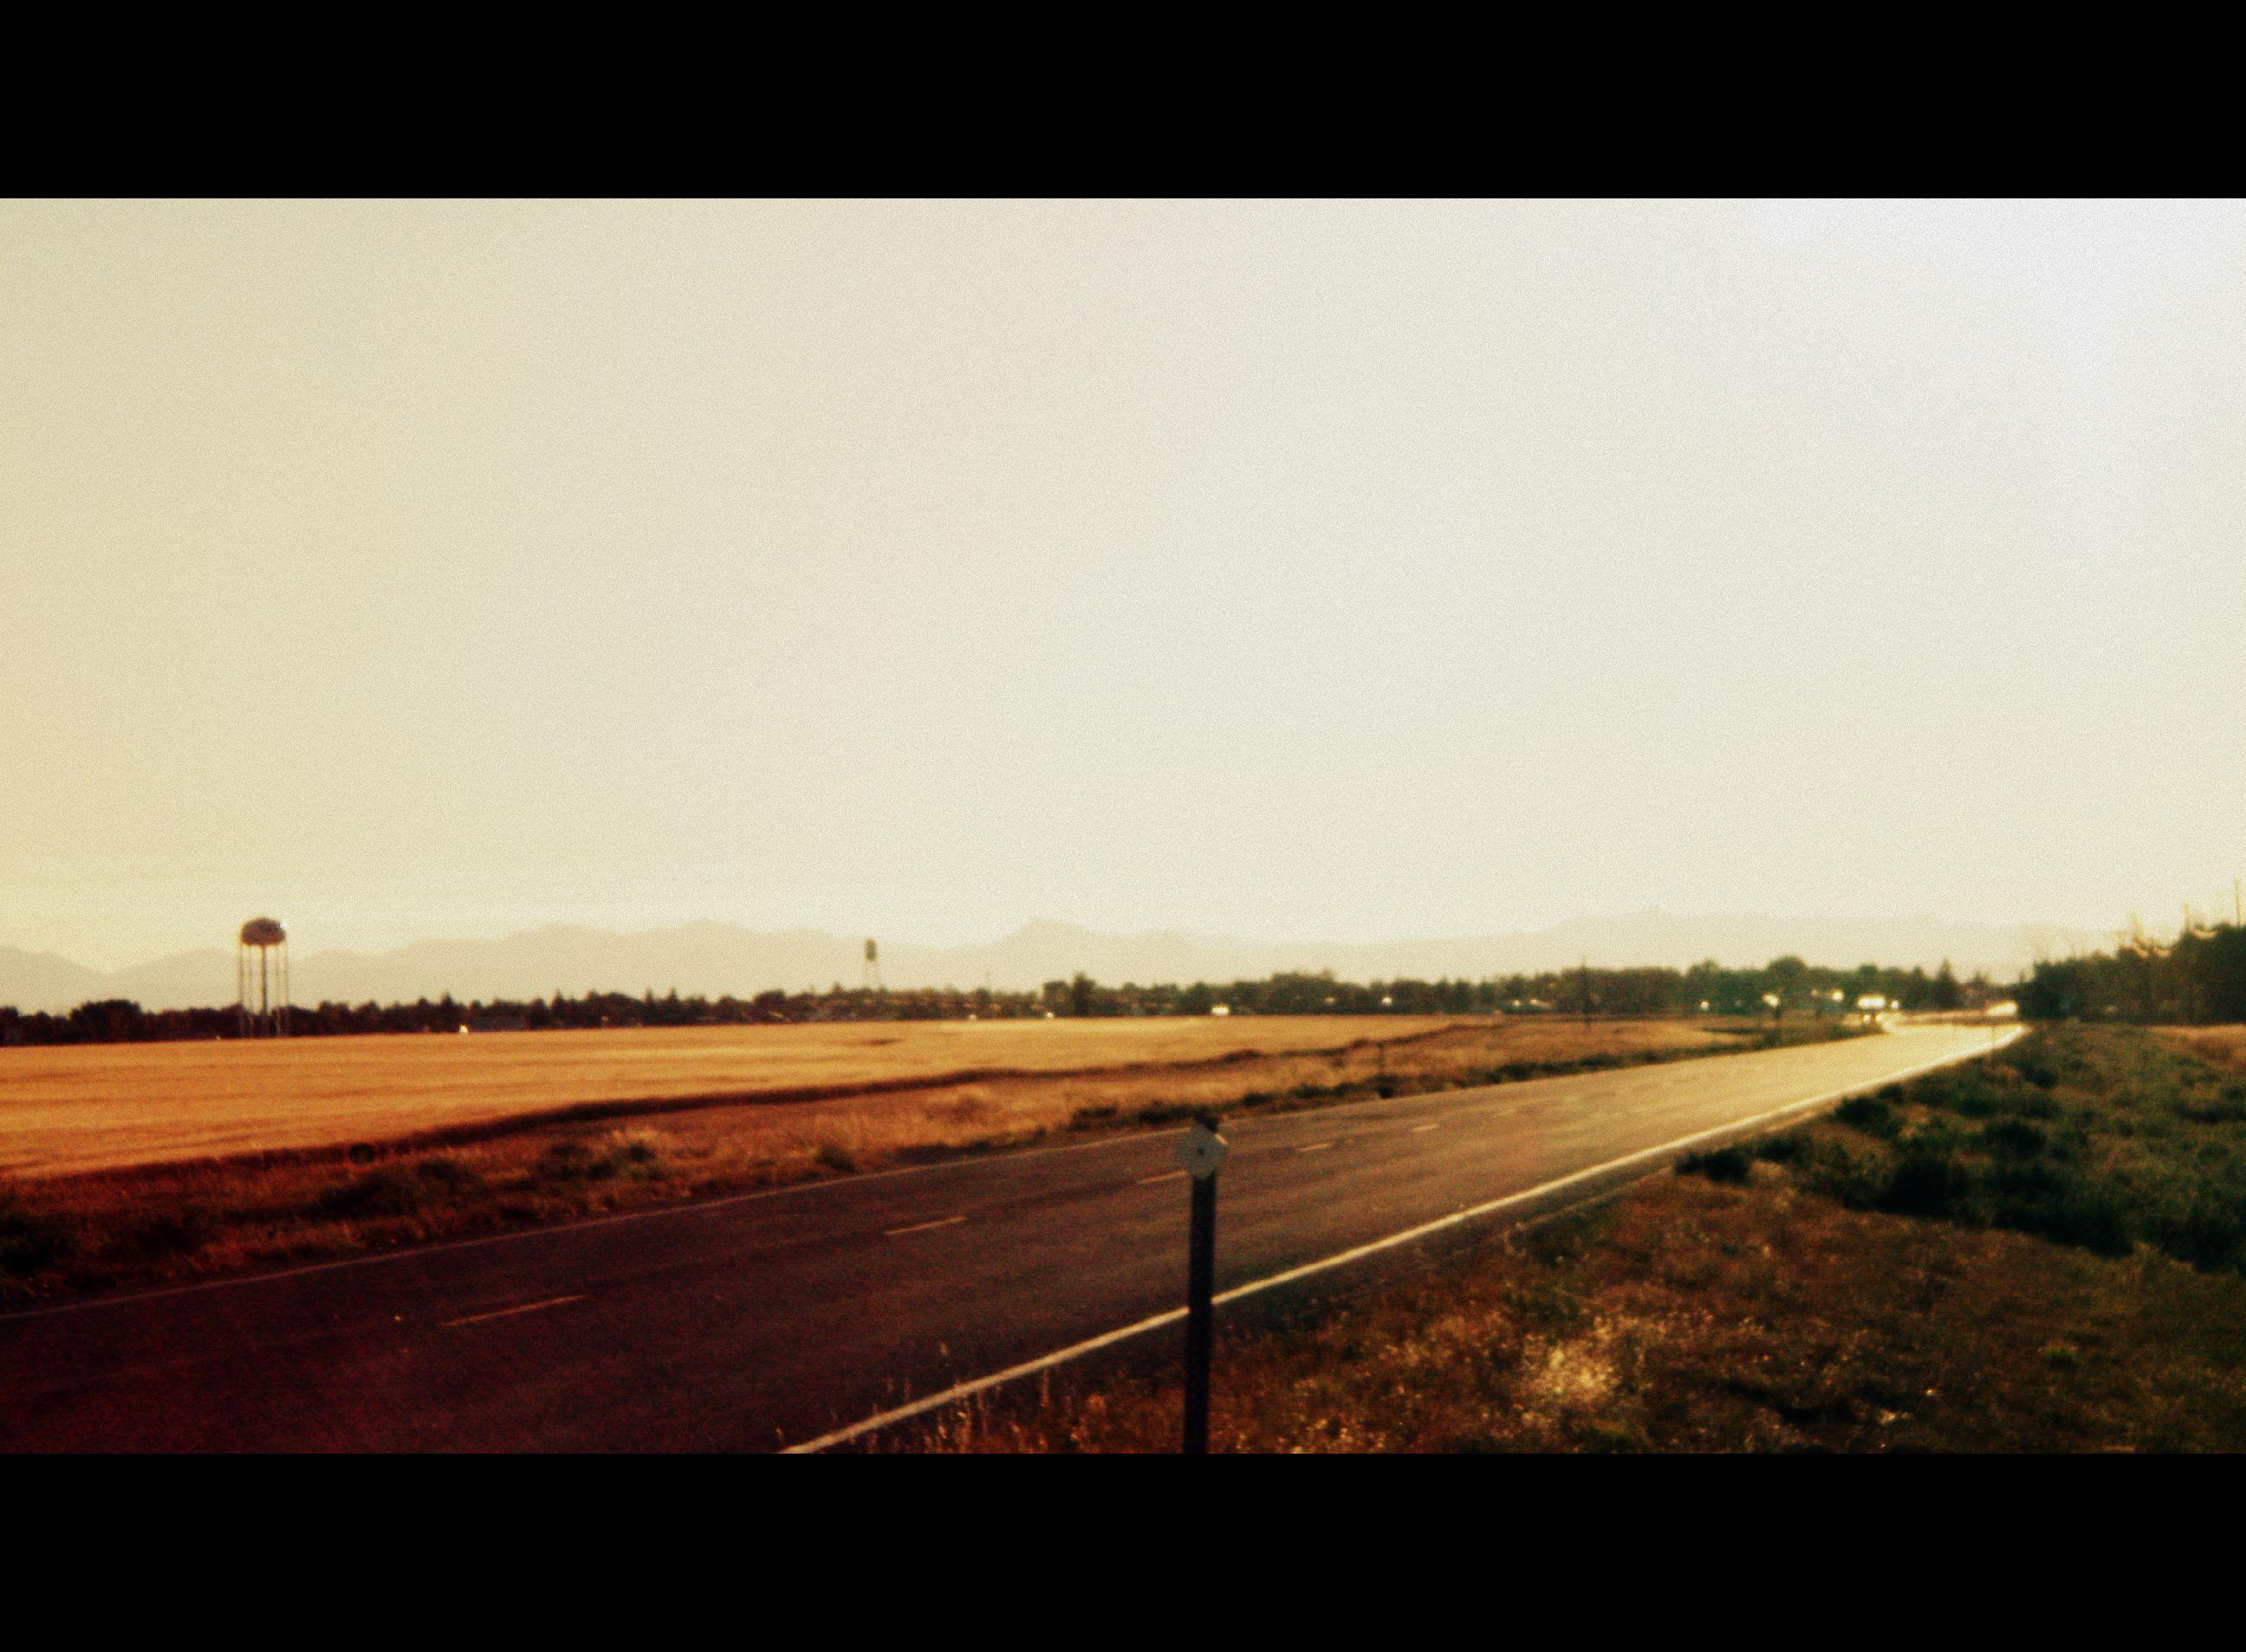 #montanahomeland